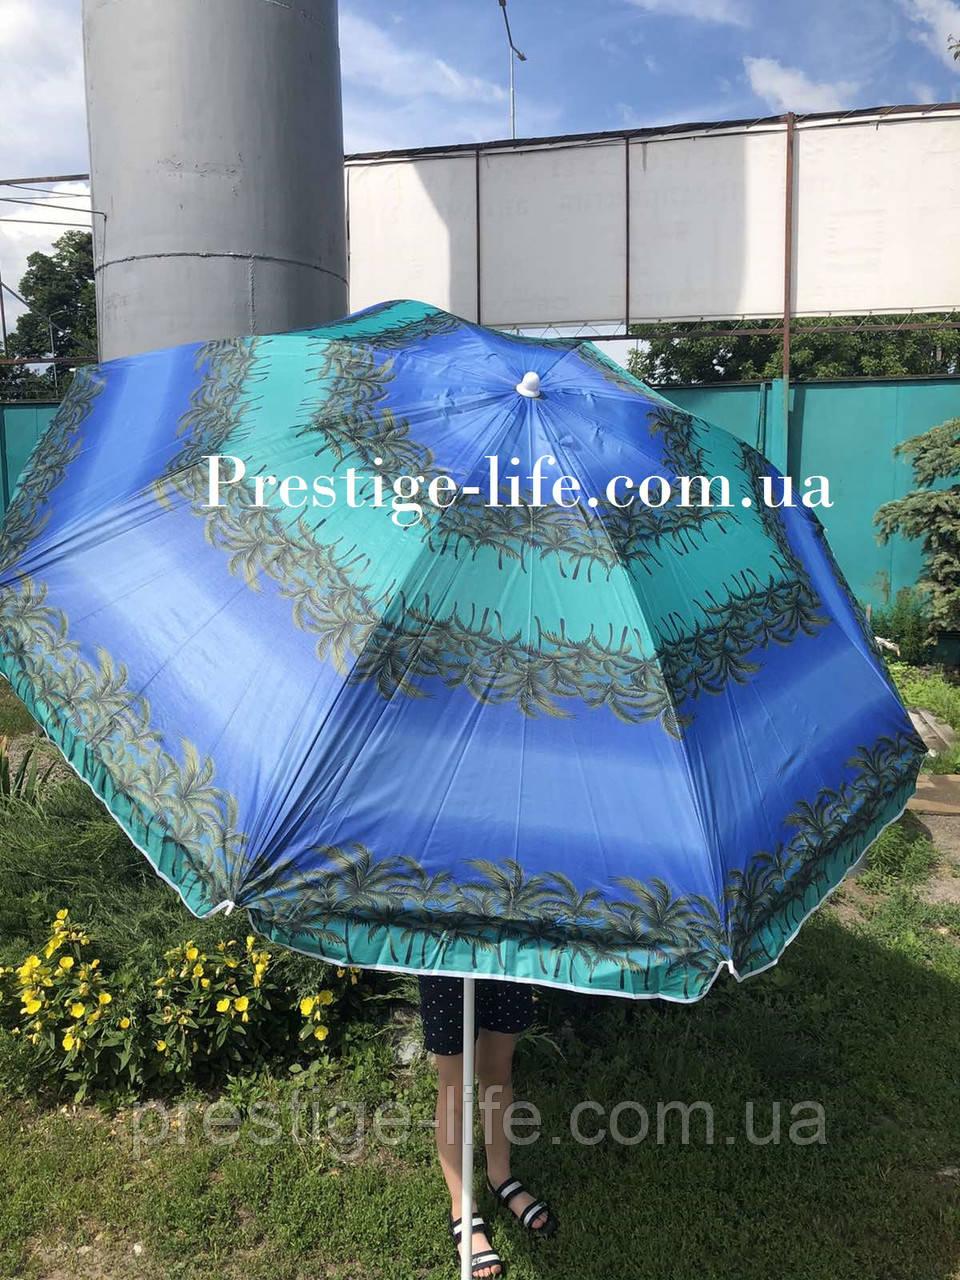 Парасолька діаметром 2 м. Срібне покриття. Система ромашка. Пальми, фон Зелений